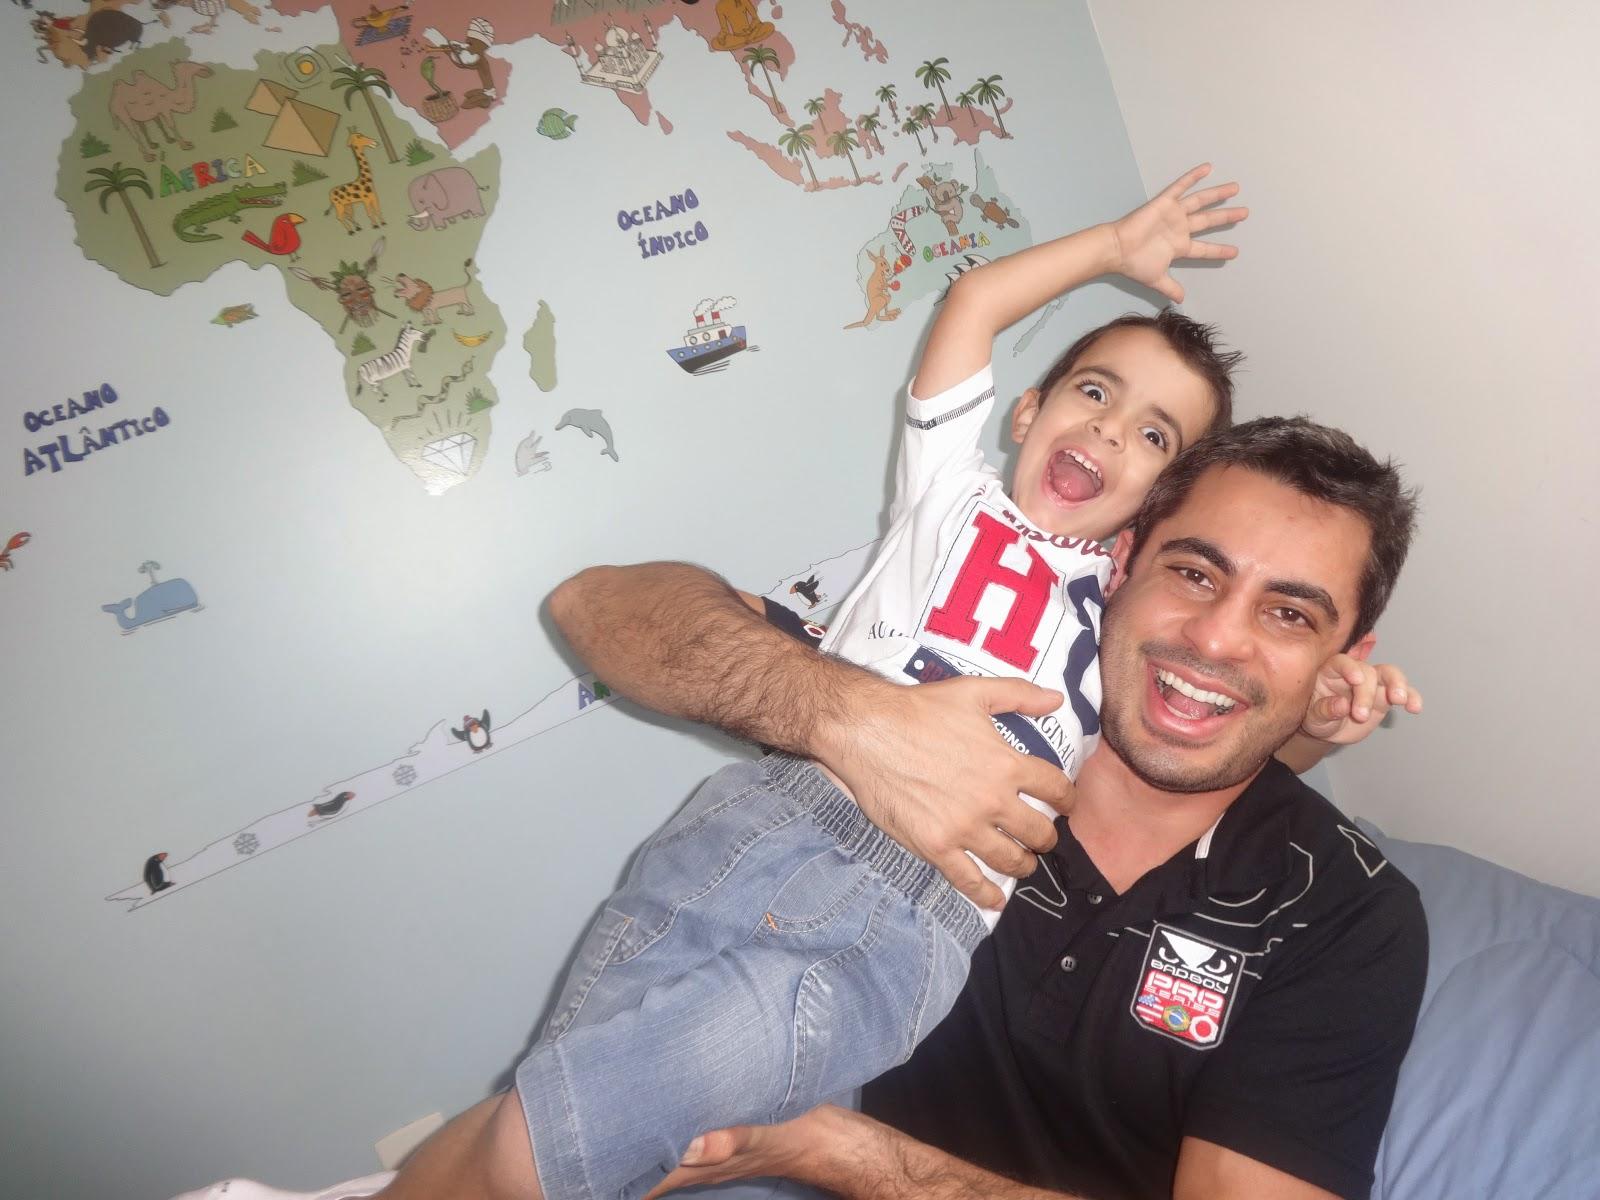 Mãe Sem Frescura - Dia dos Pais – A Importância da Relação entre Pai e Filho